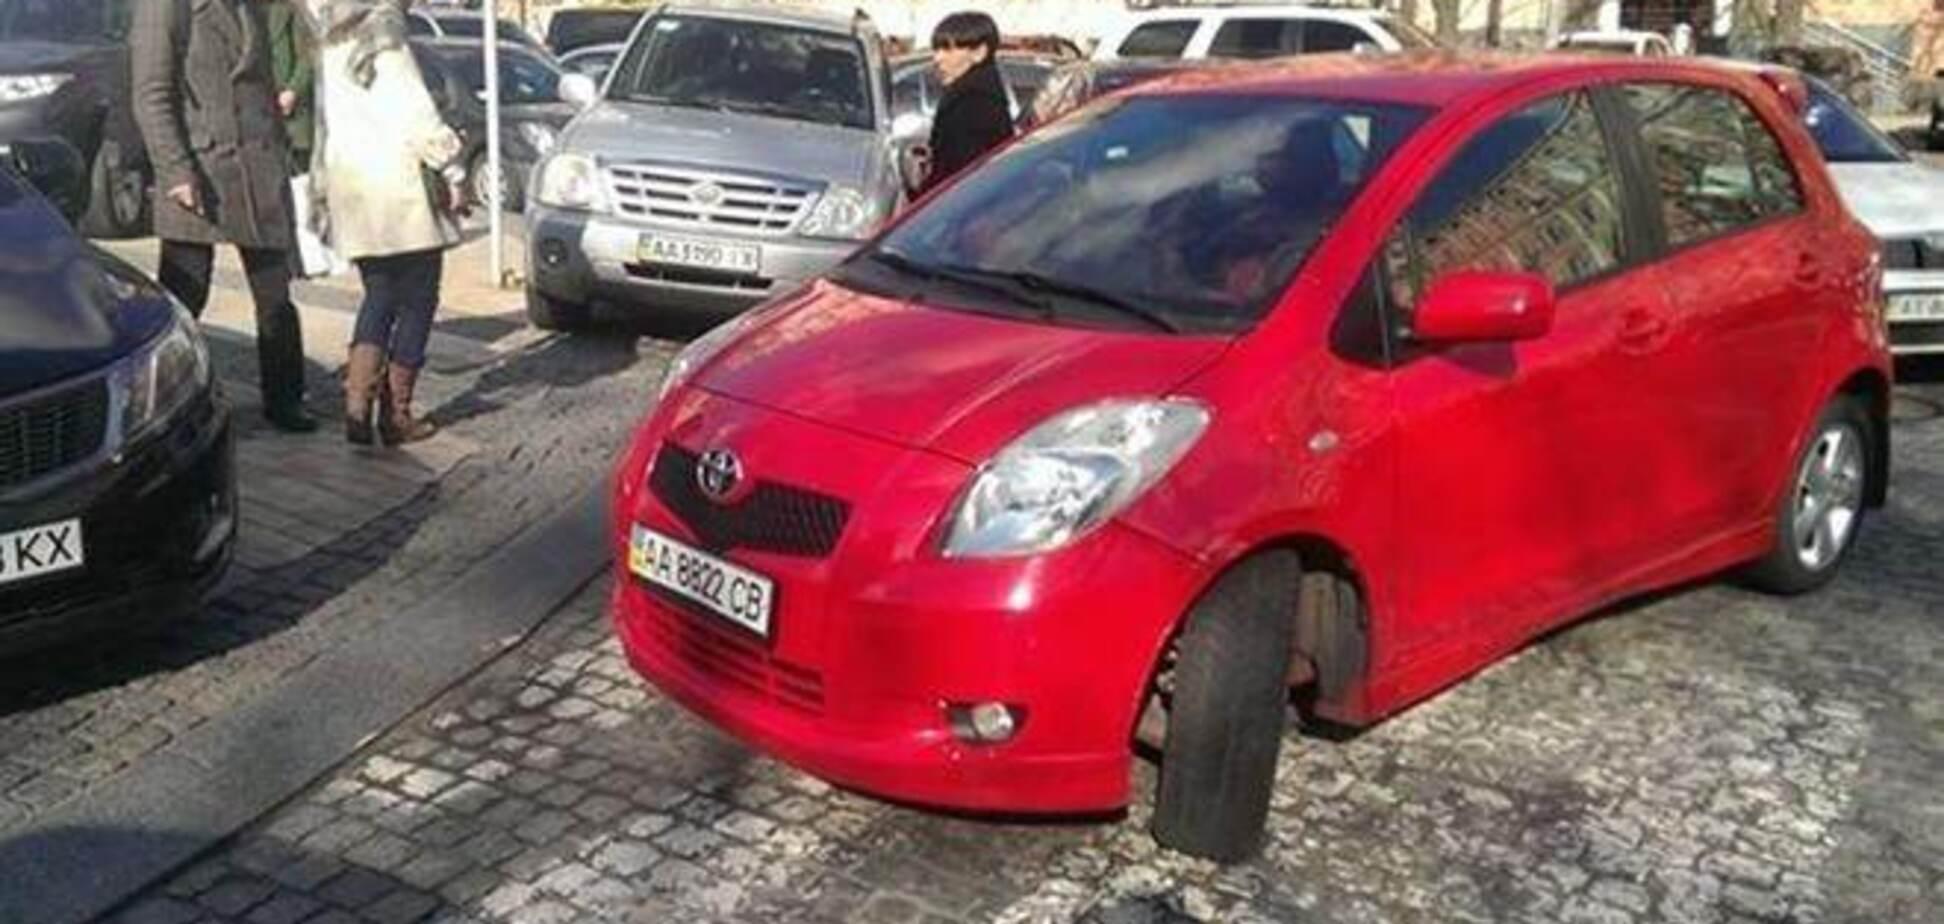 Возмущенные киевляне 'передают привет' водителю, который паркуется на зебре